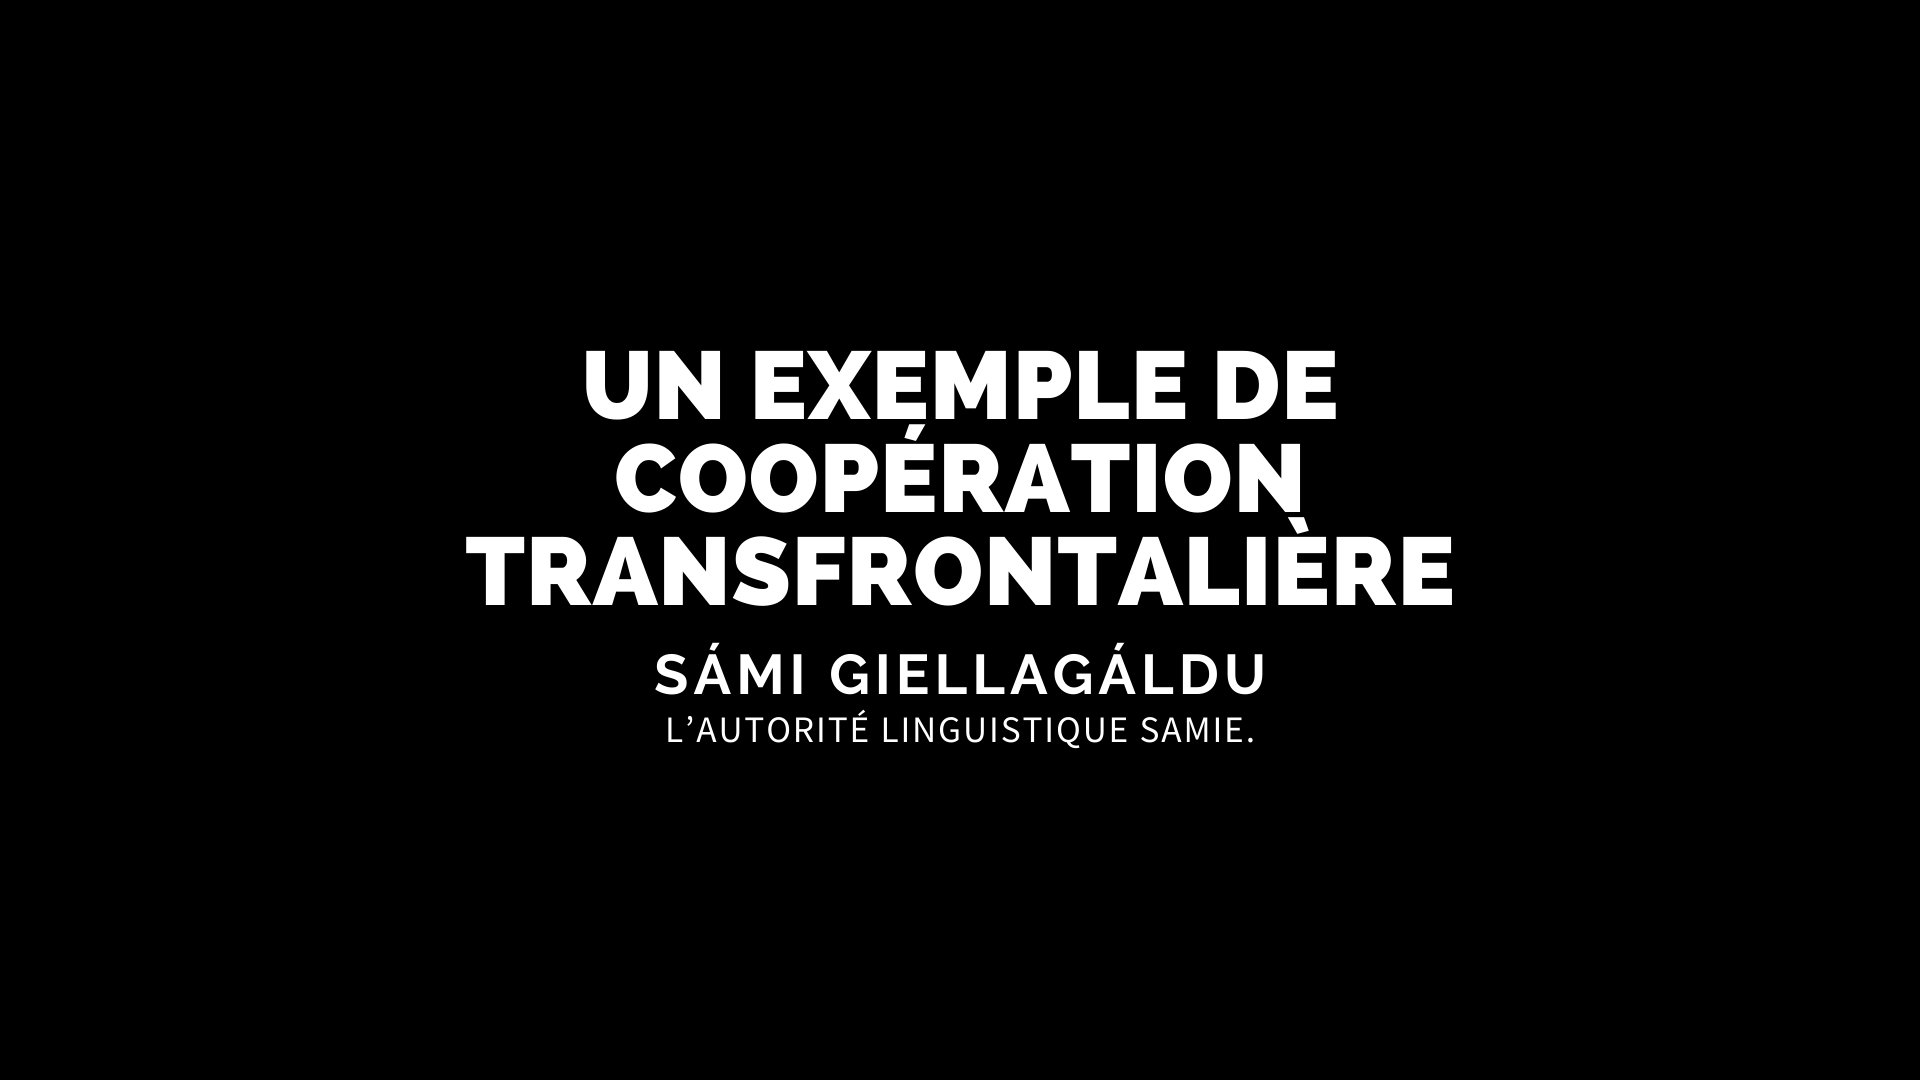 UN EXEMPLE DE COOPÉRATION TRANSFRONTALIÈRE SÁMI GIELLAGÁLDU L'AUTORITÉ LINGUISTIQUE SAMIE.